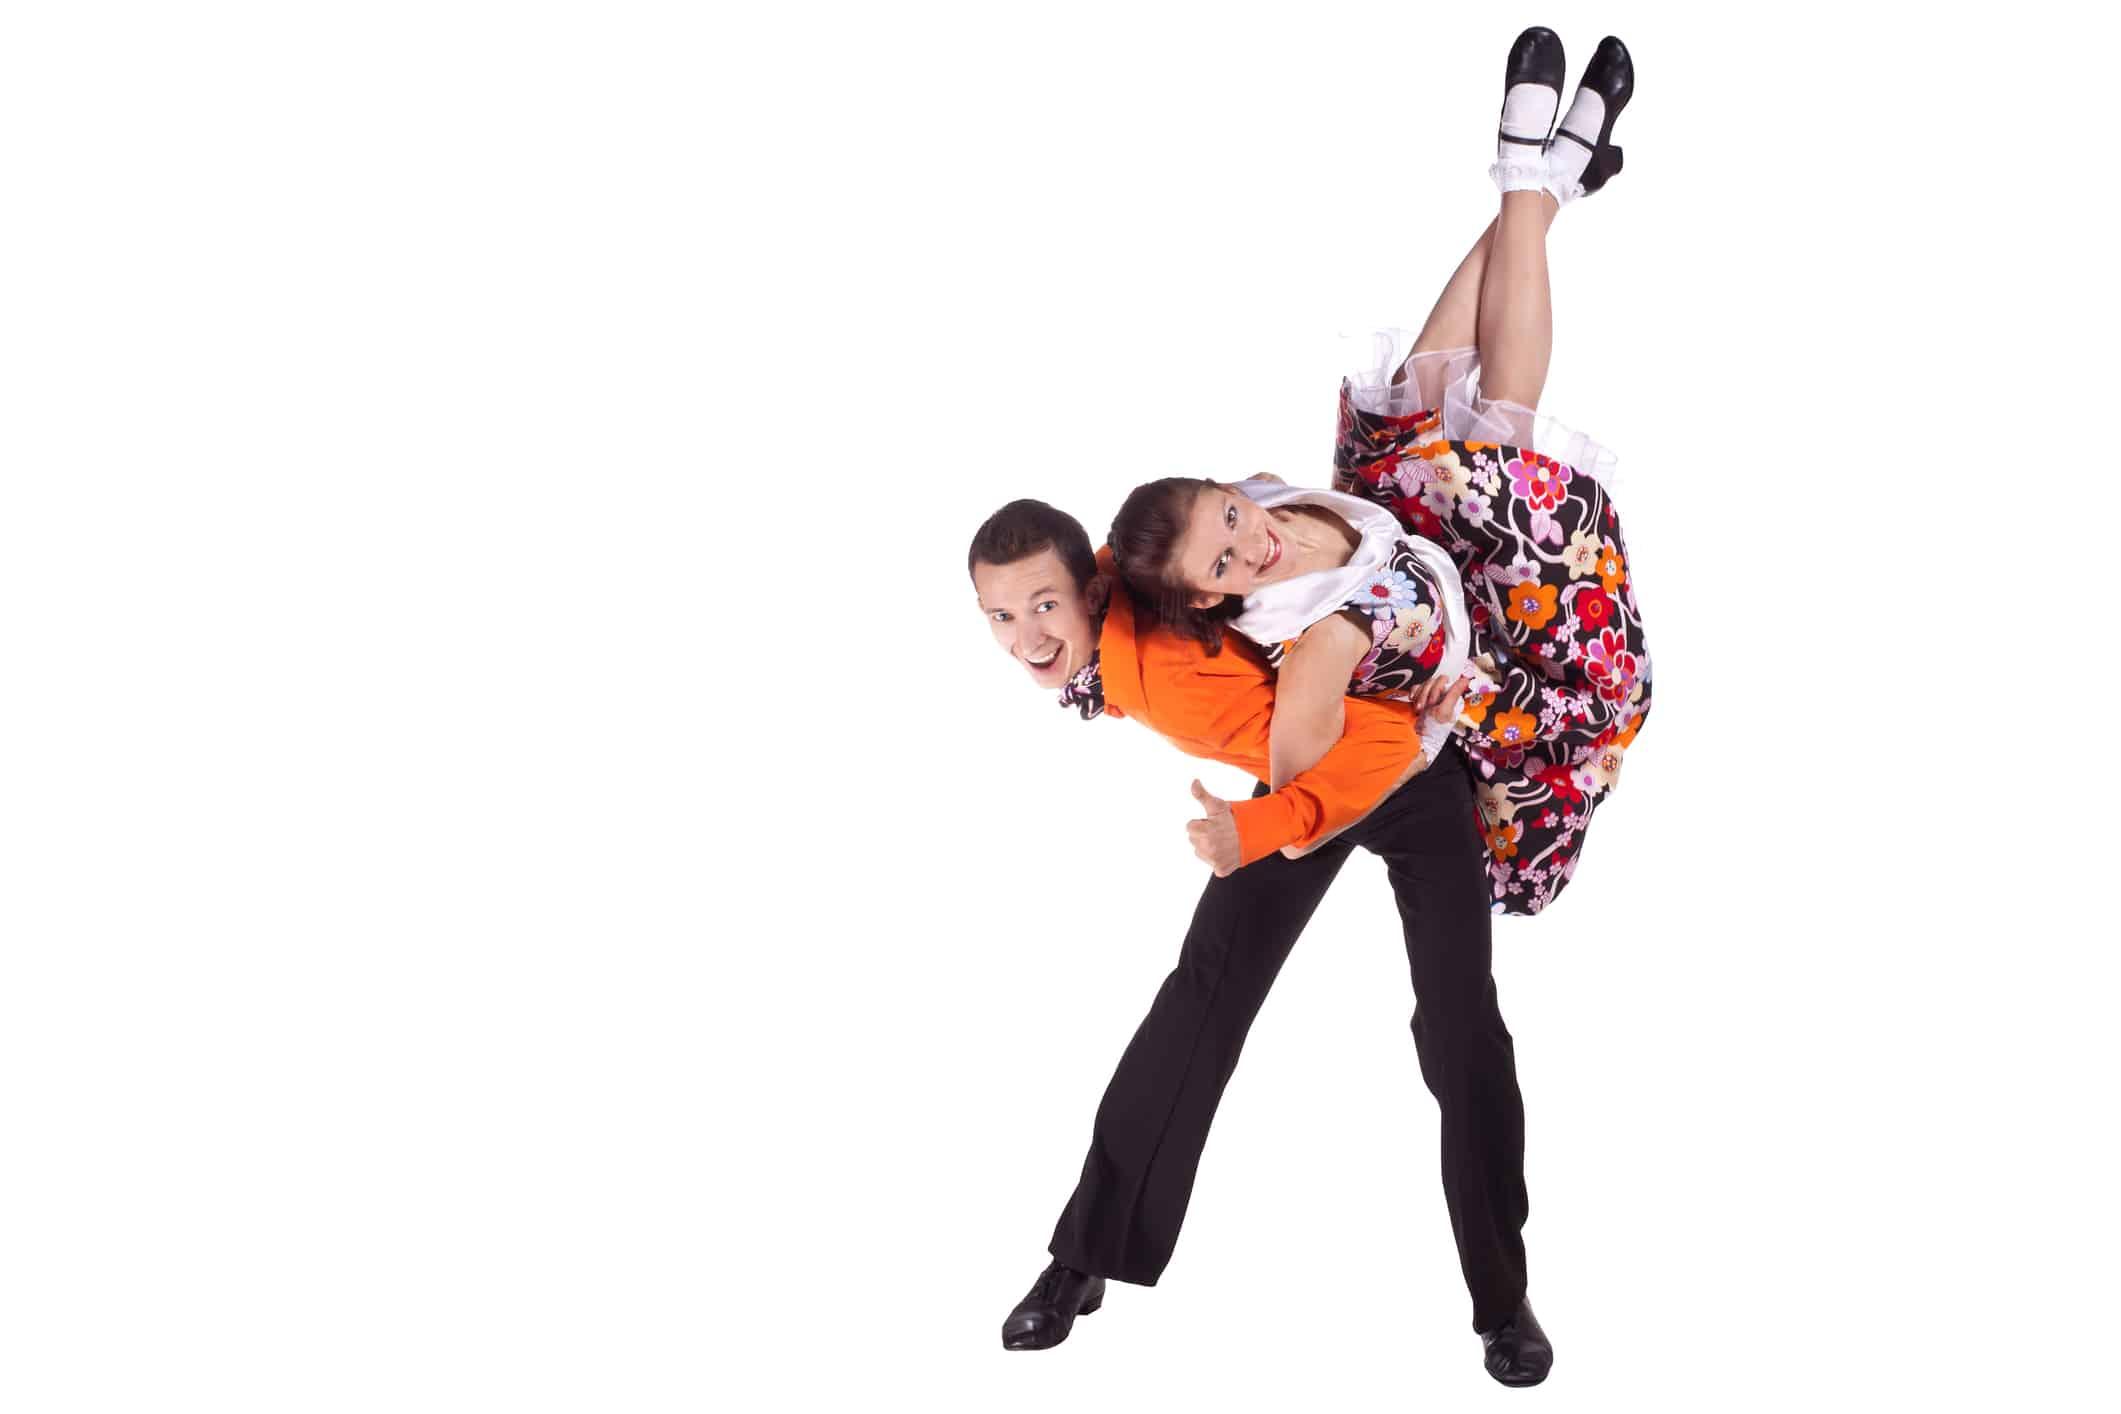 dance to style cours de rock - Cours particuliers de danse Rock n'Roll